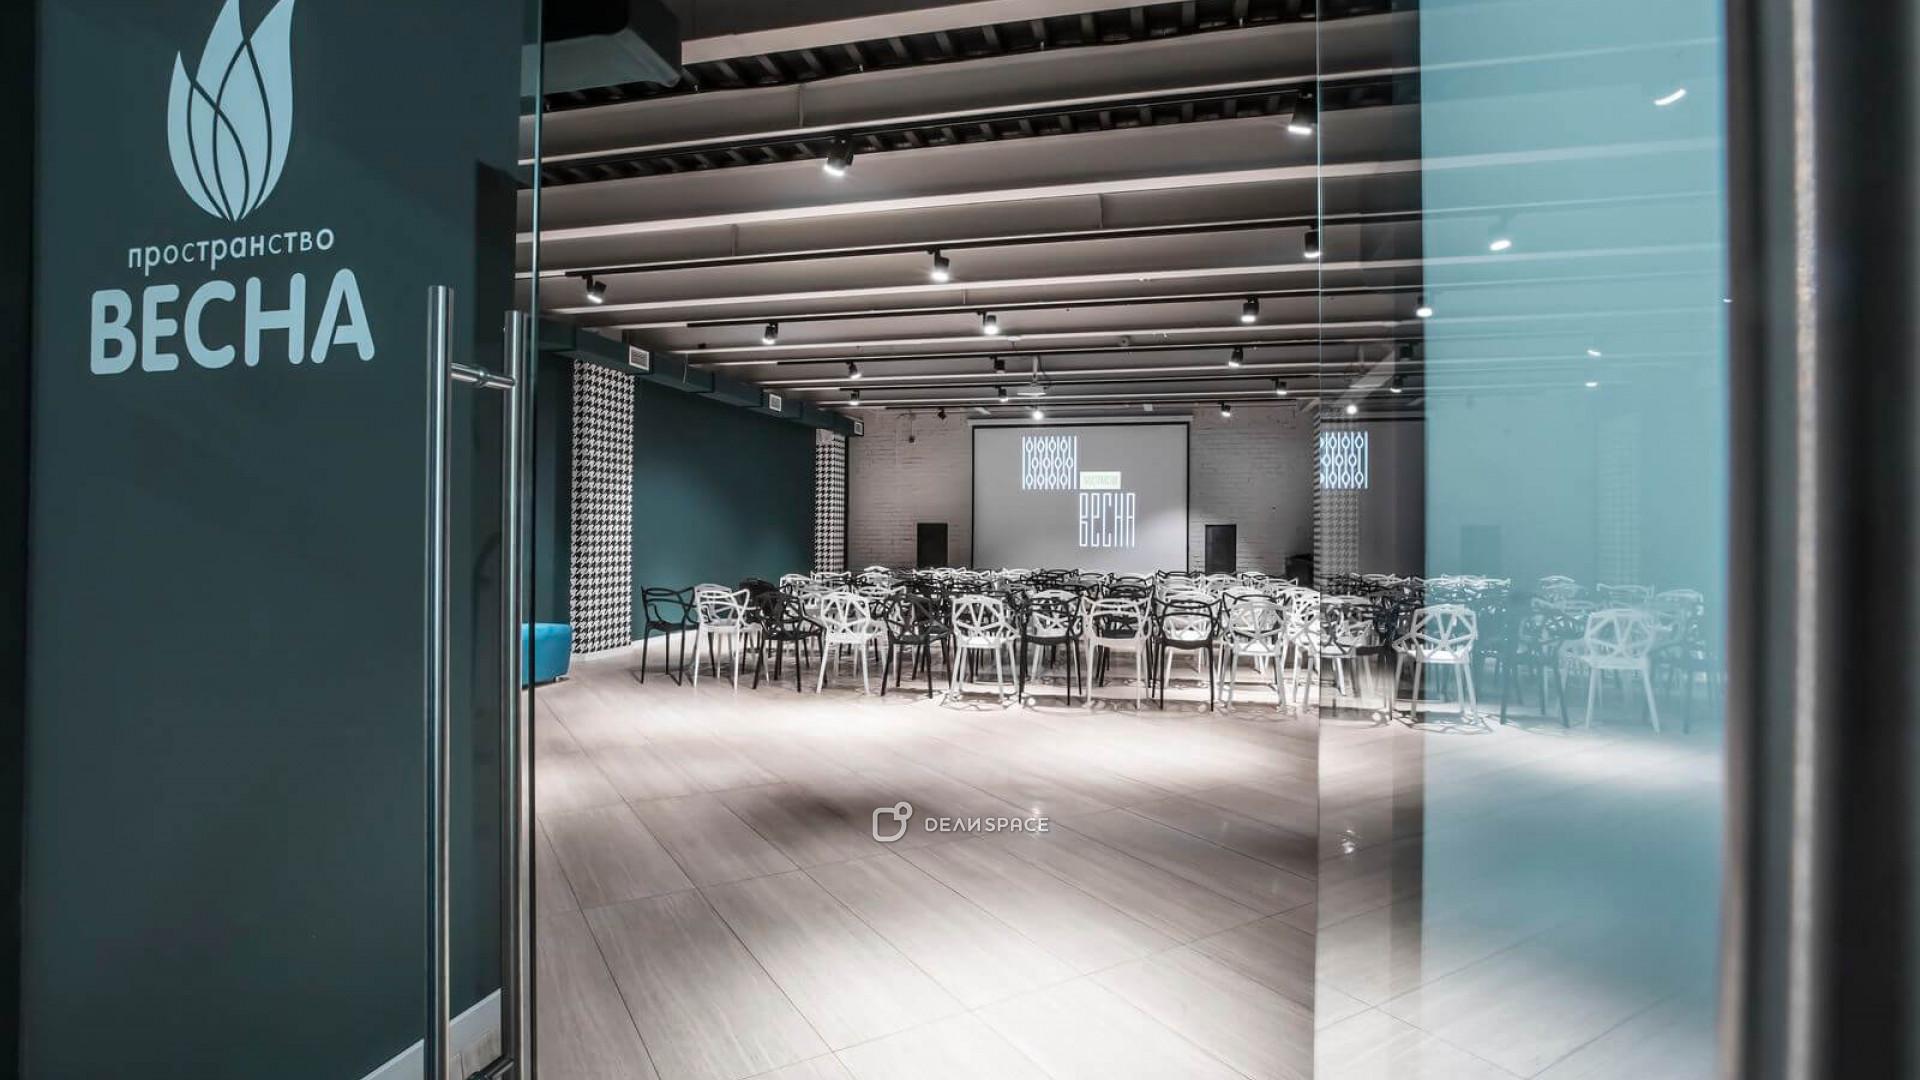 Зеленый зал для конференций, праздников, банкетов - фото №5